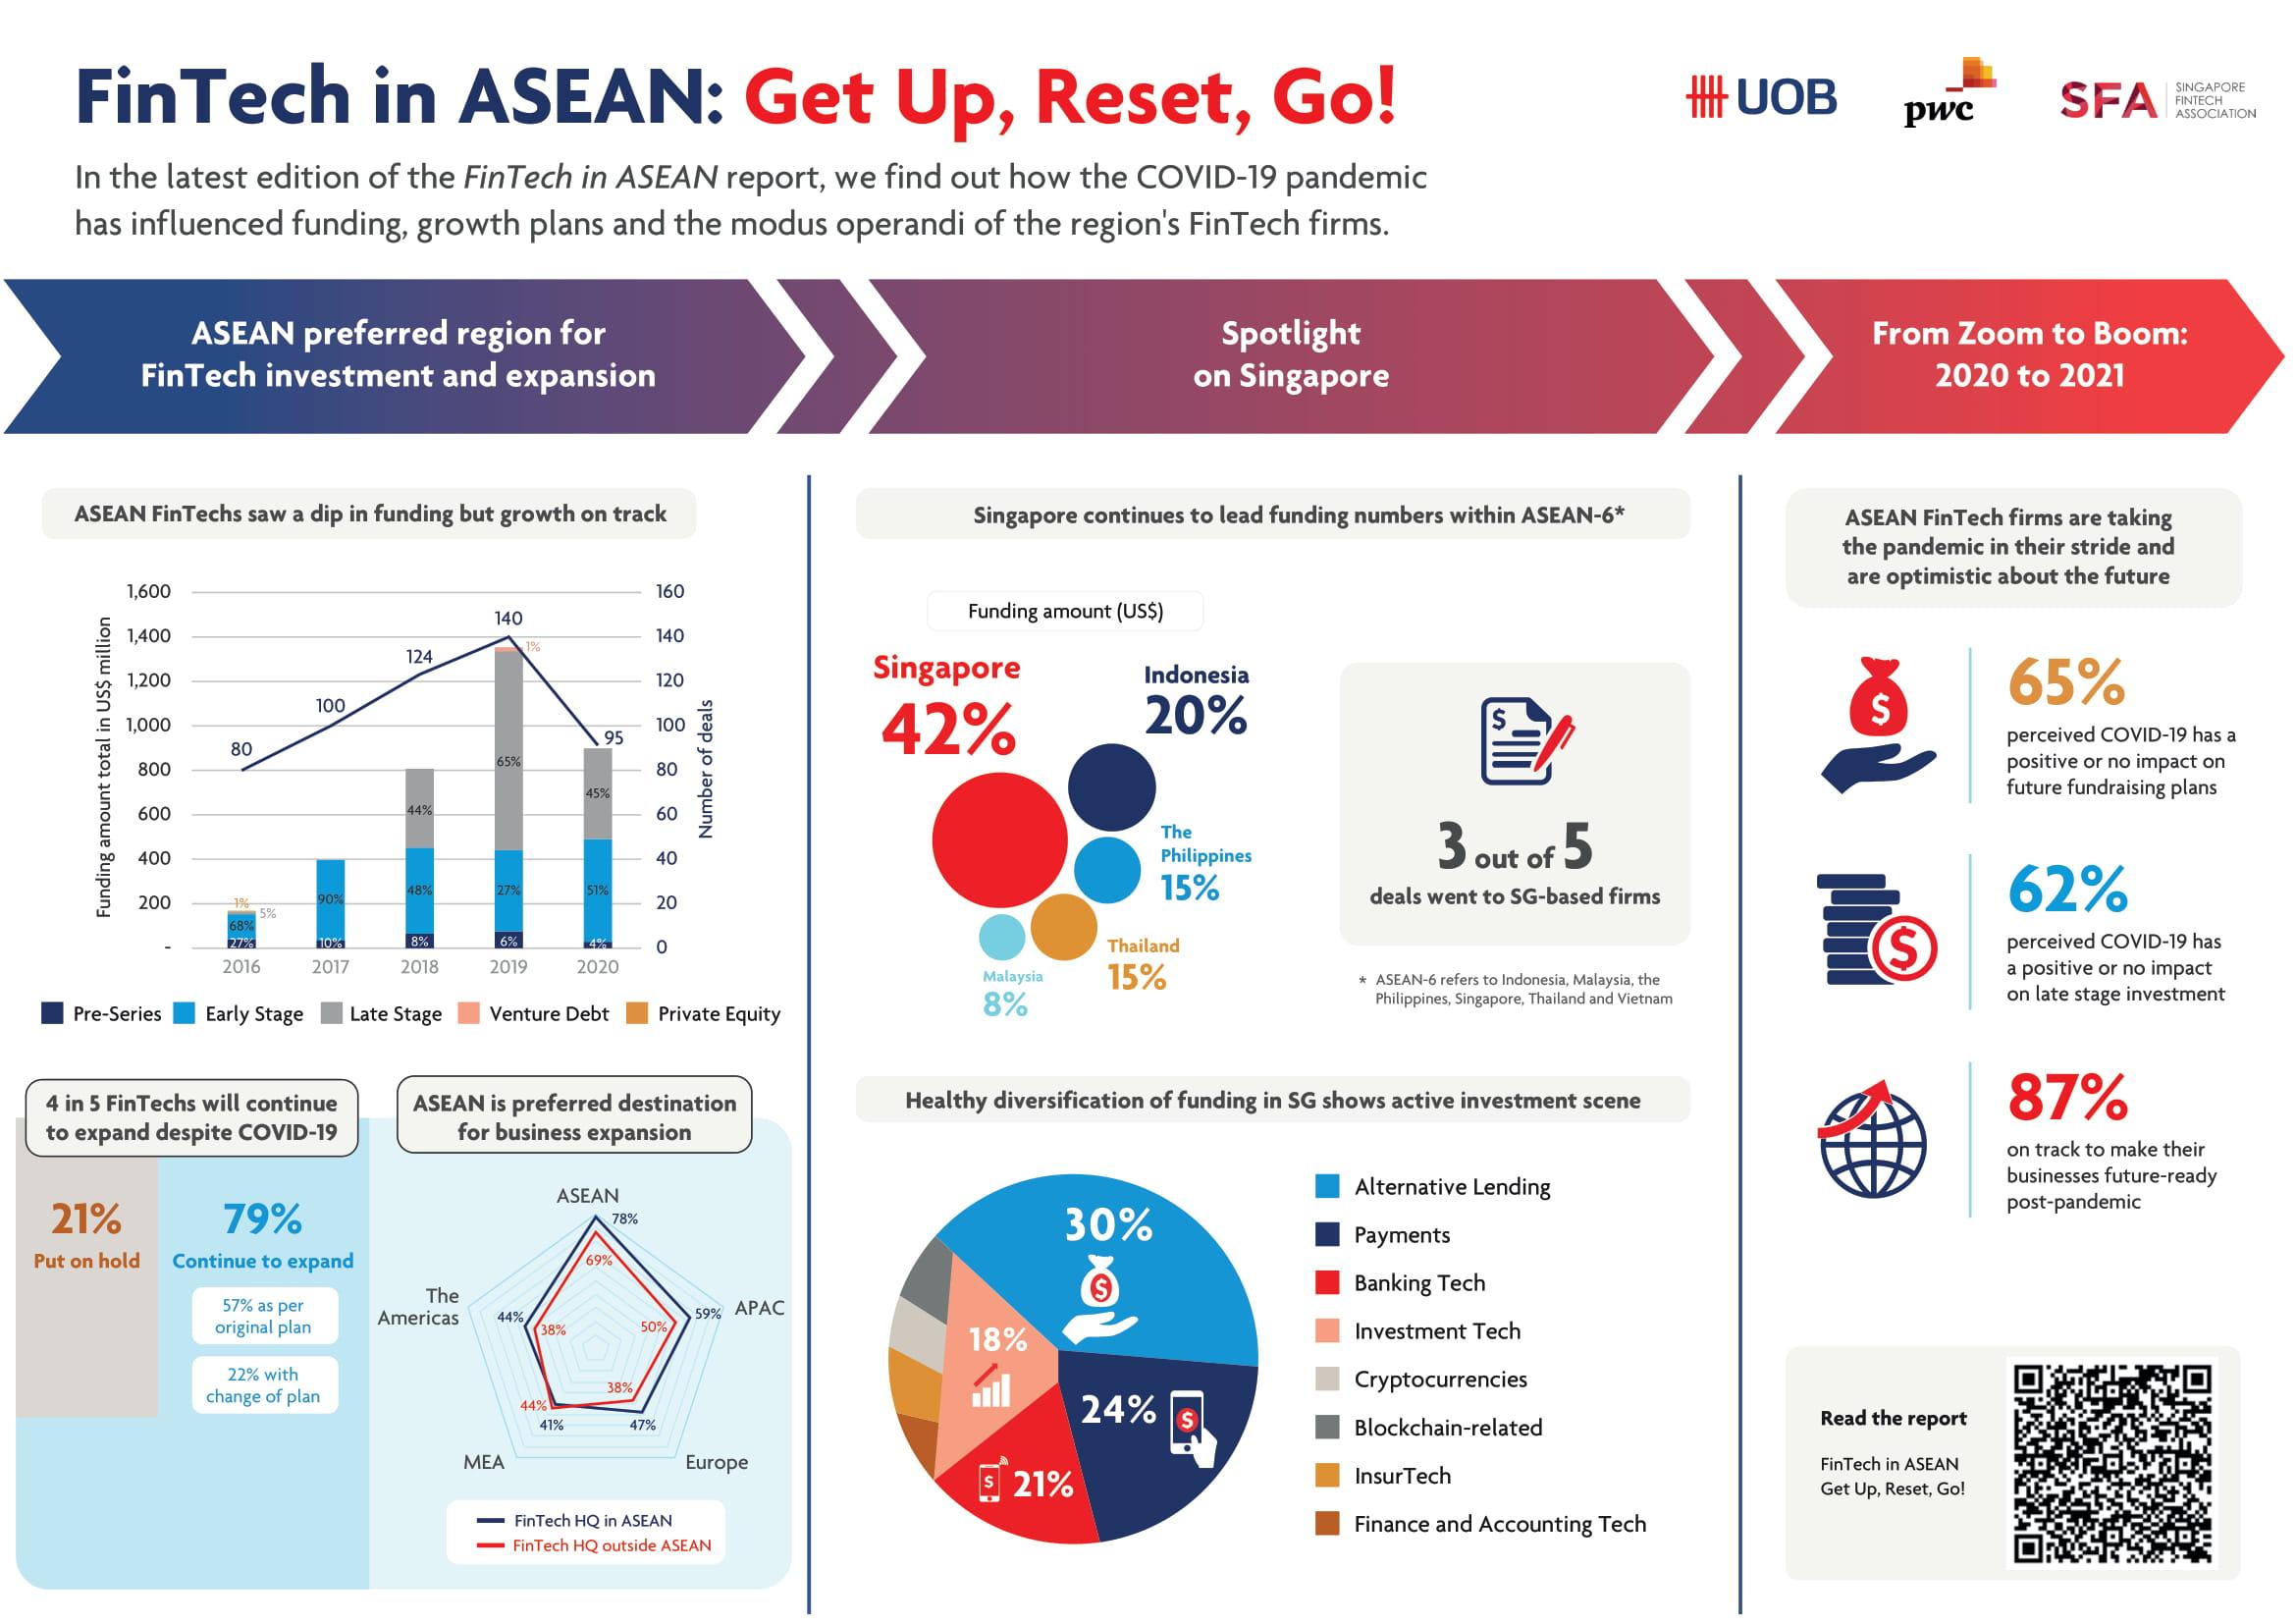 FinTech in ASEAN